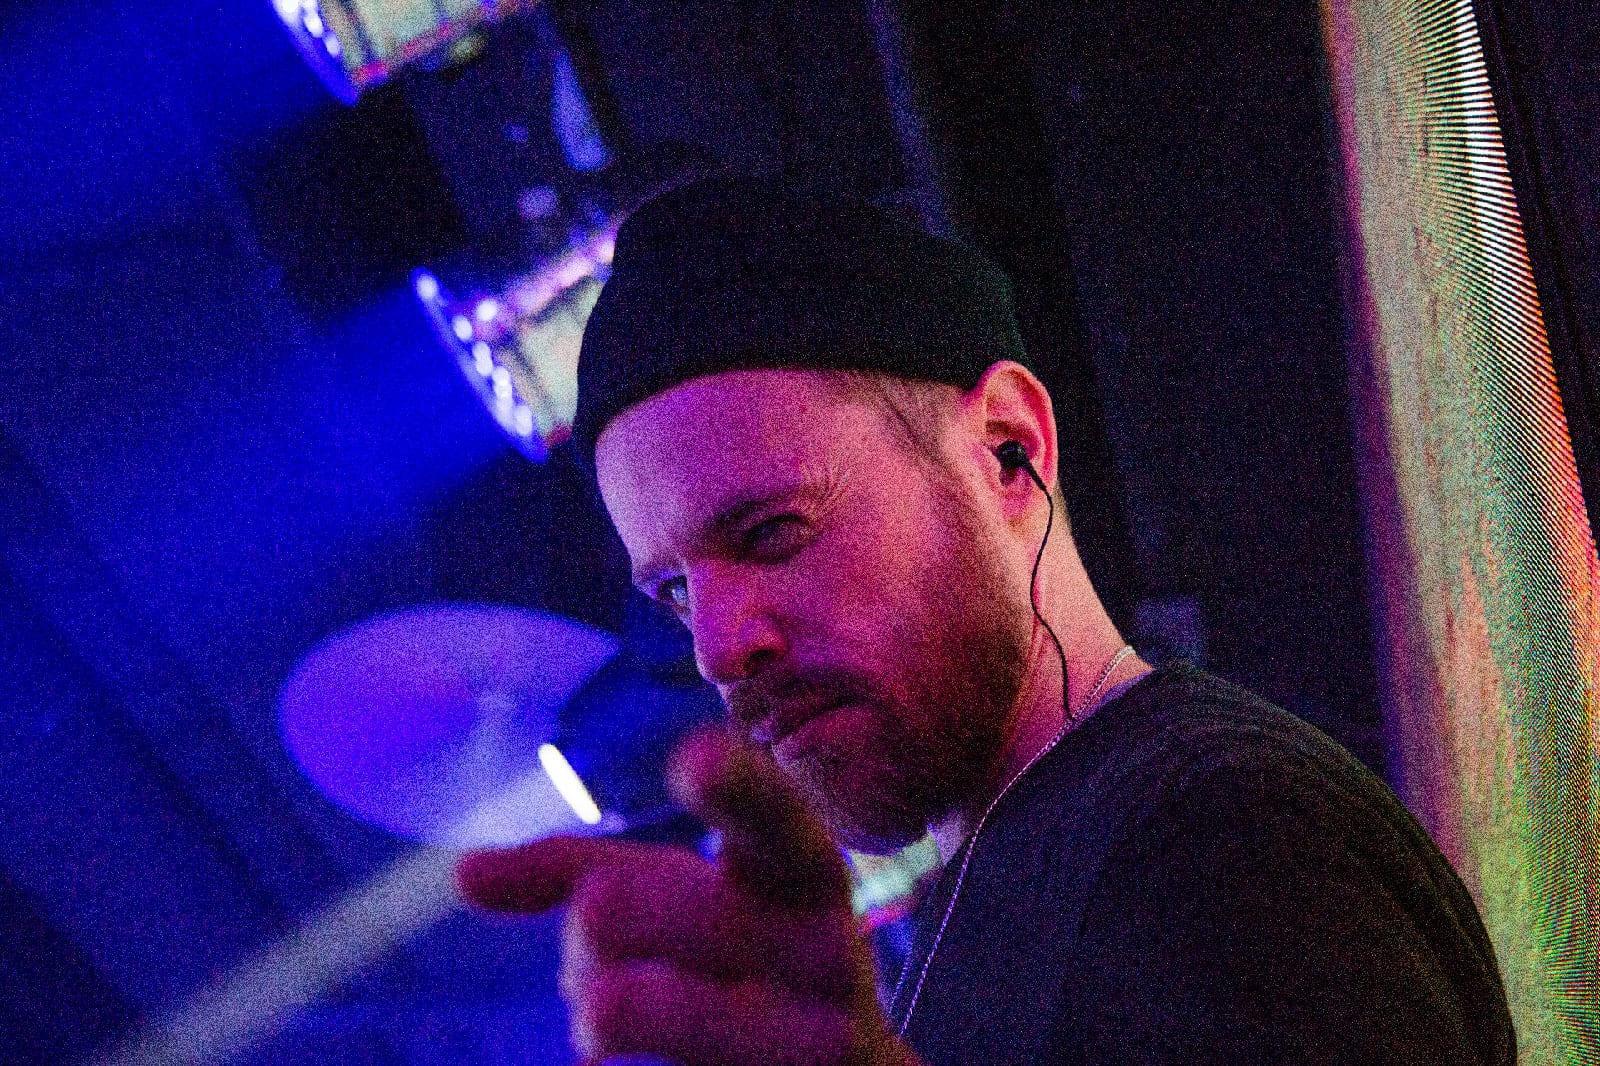 фото «Какие-то типы качают головой в ритм»: группа «Каста» выступила в Новосибирске – 10 фото с долгожданного концерта 5